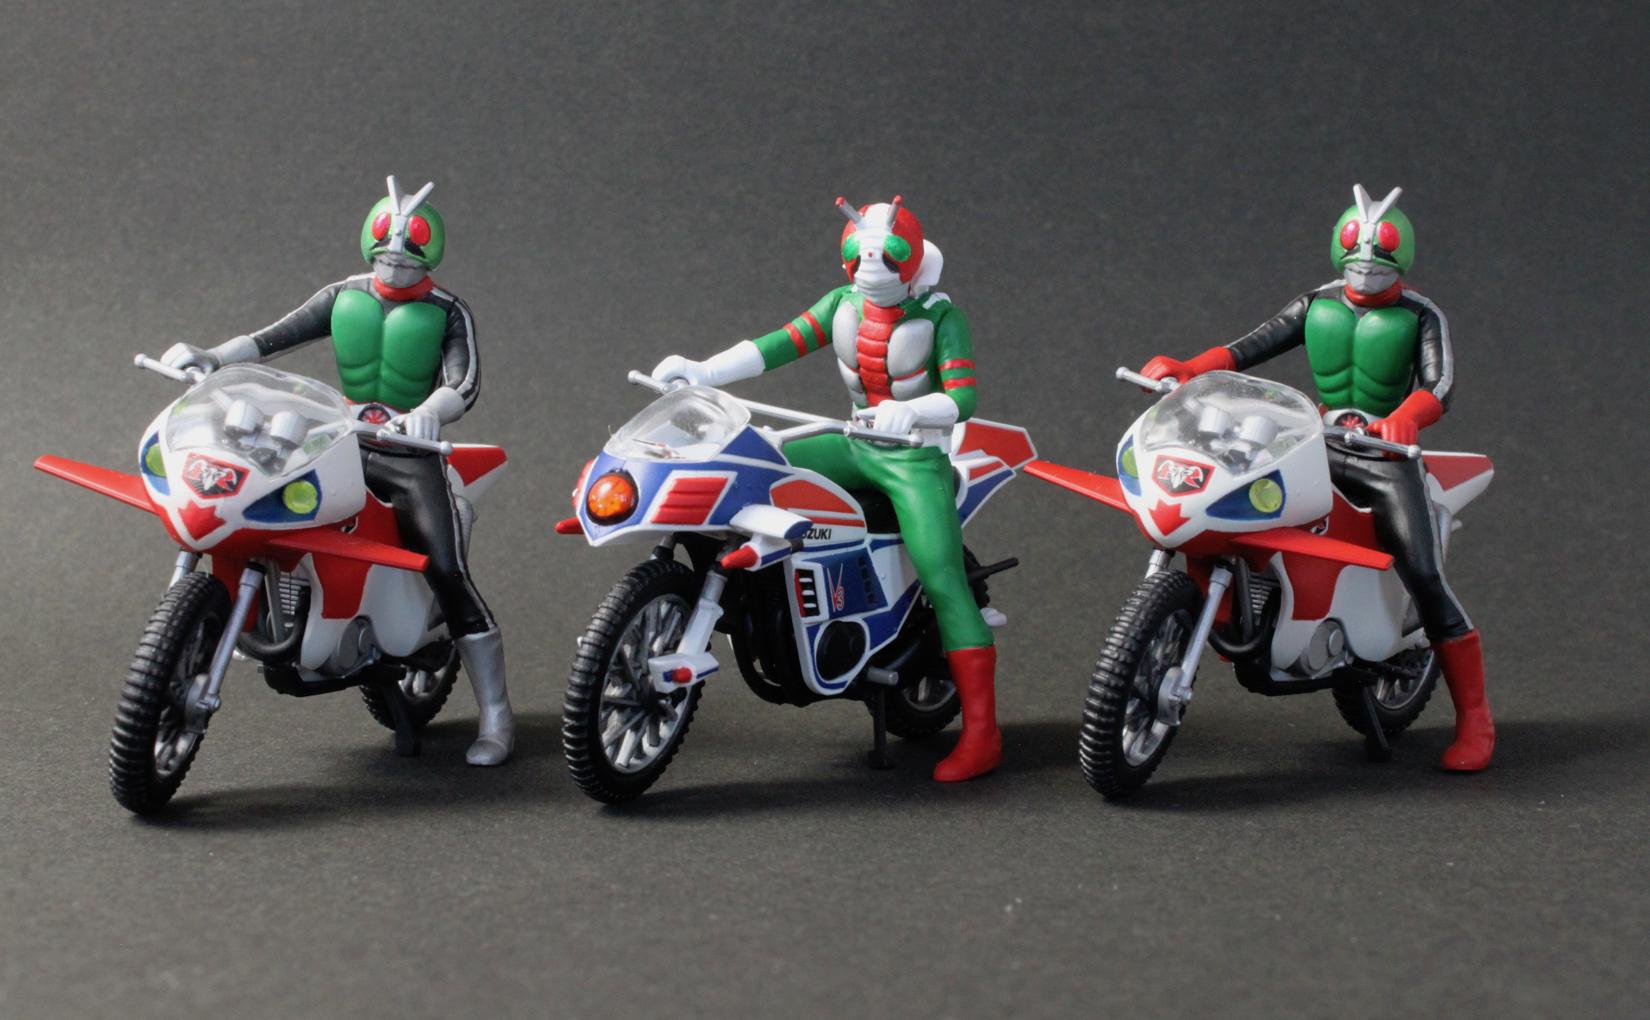 バンダイ メカコレクション 仮面ライダーシリーズ 02 ハリケーン